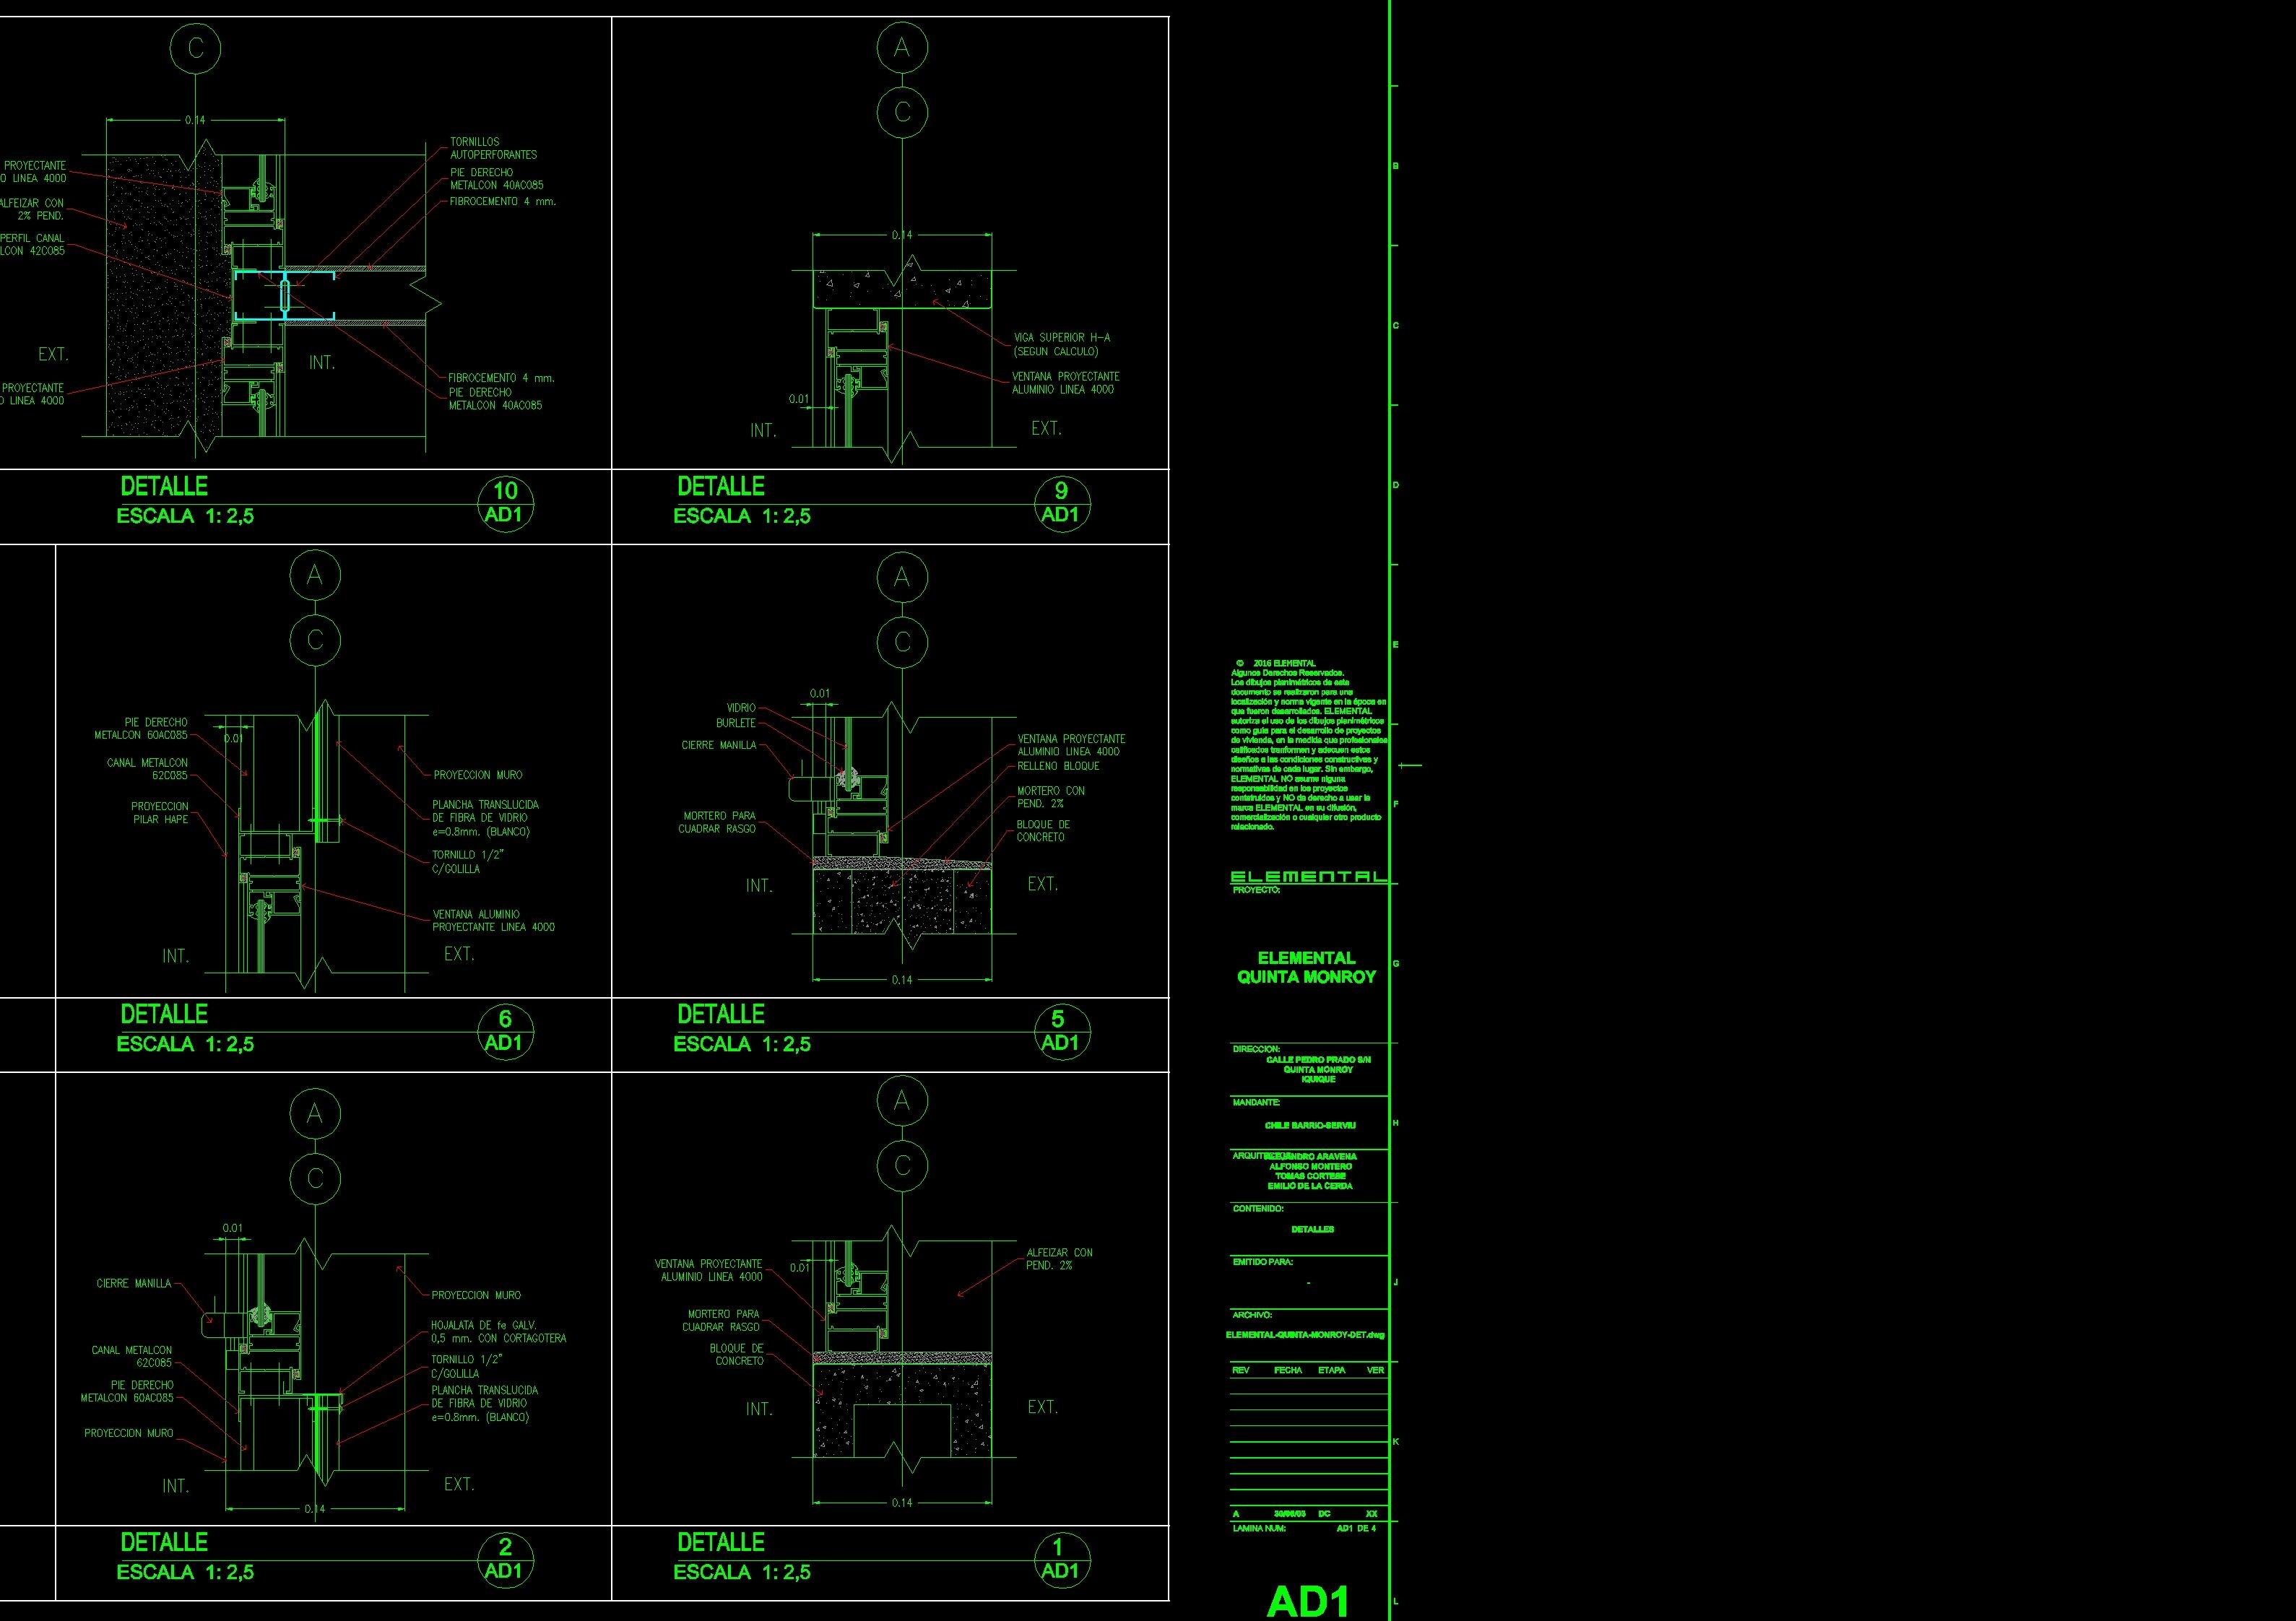 Proyecto de Aravena: Planos de Detalles de la Quinta Monroy por Aravena